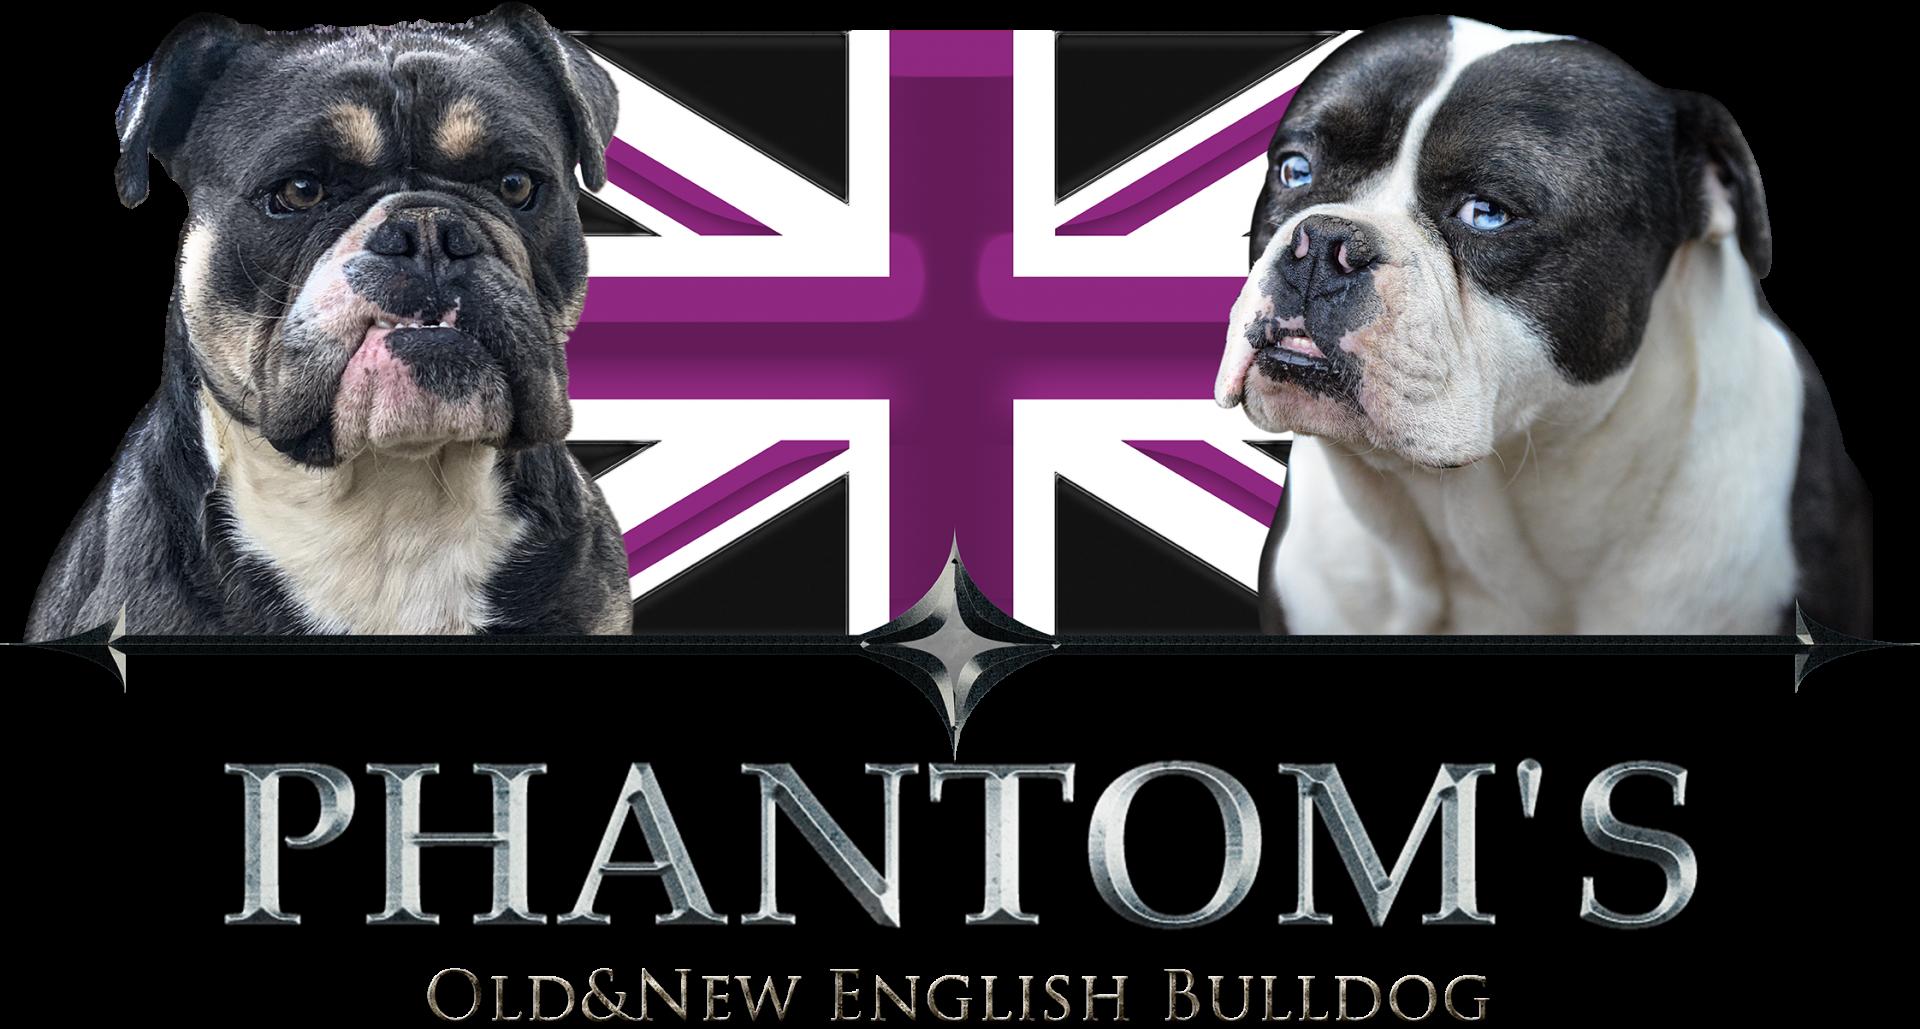 Phantom s logo